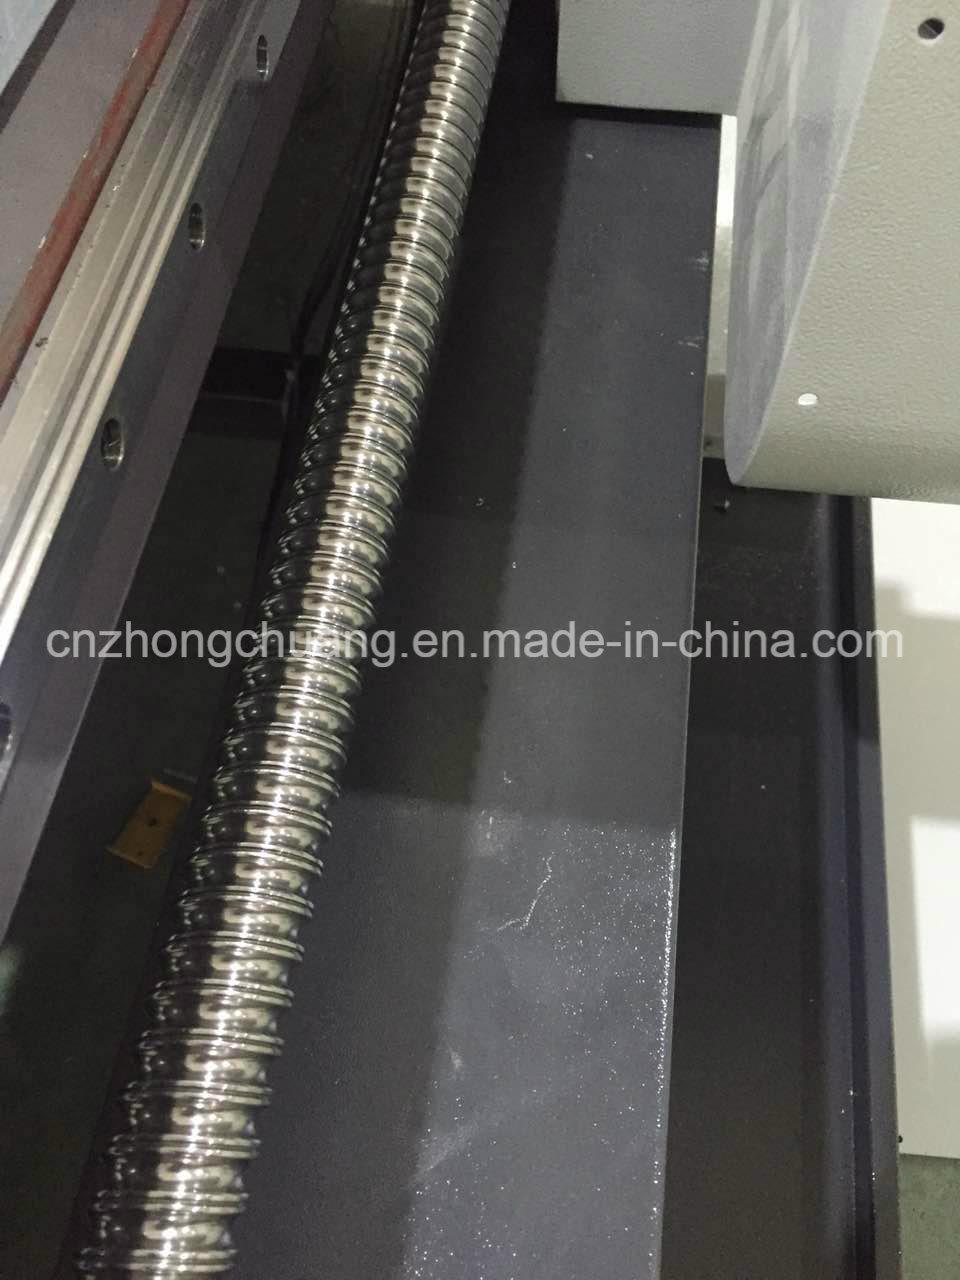 Latest Wood Printing UV Flatbed Printer on Hot Sale